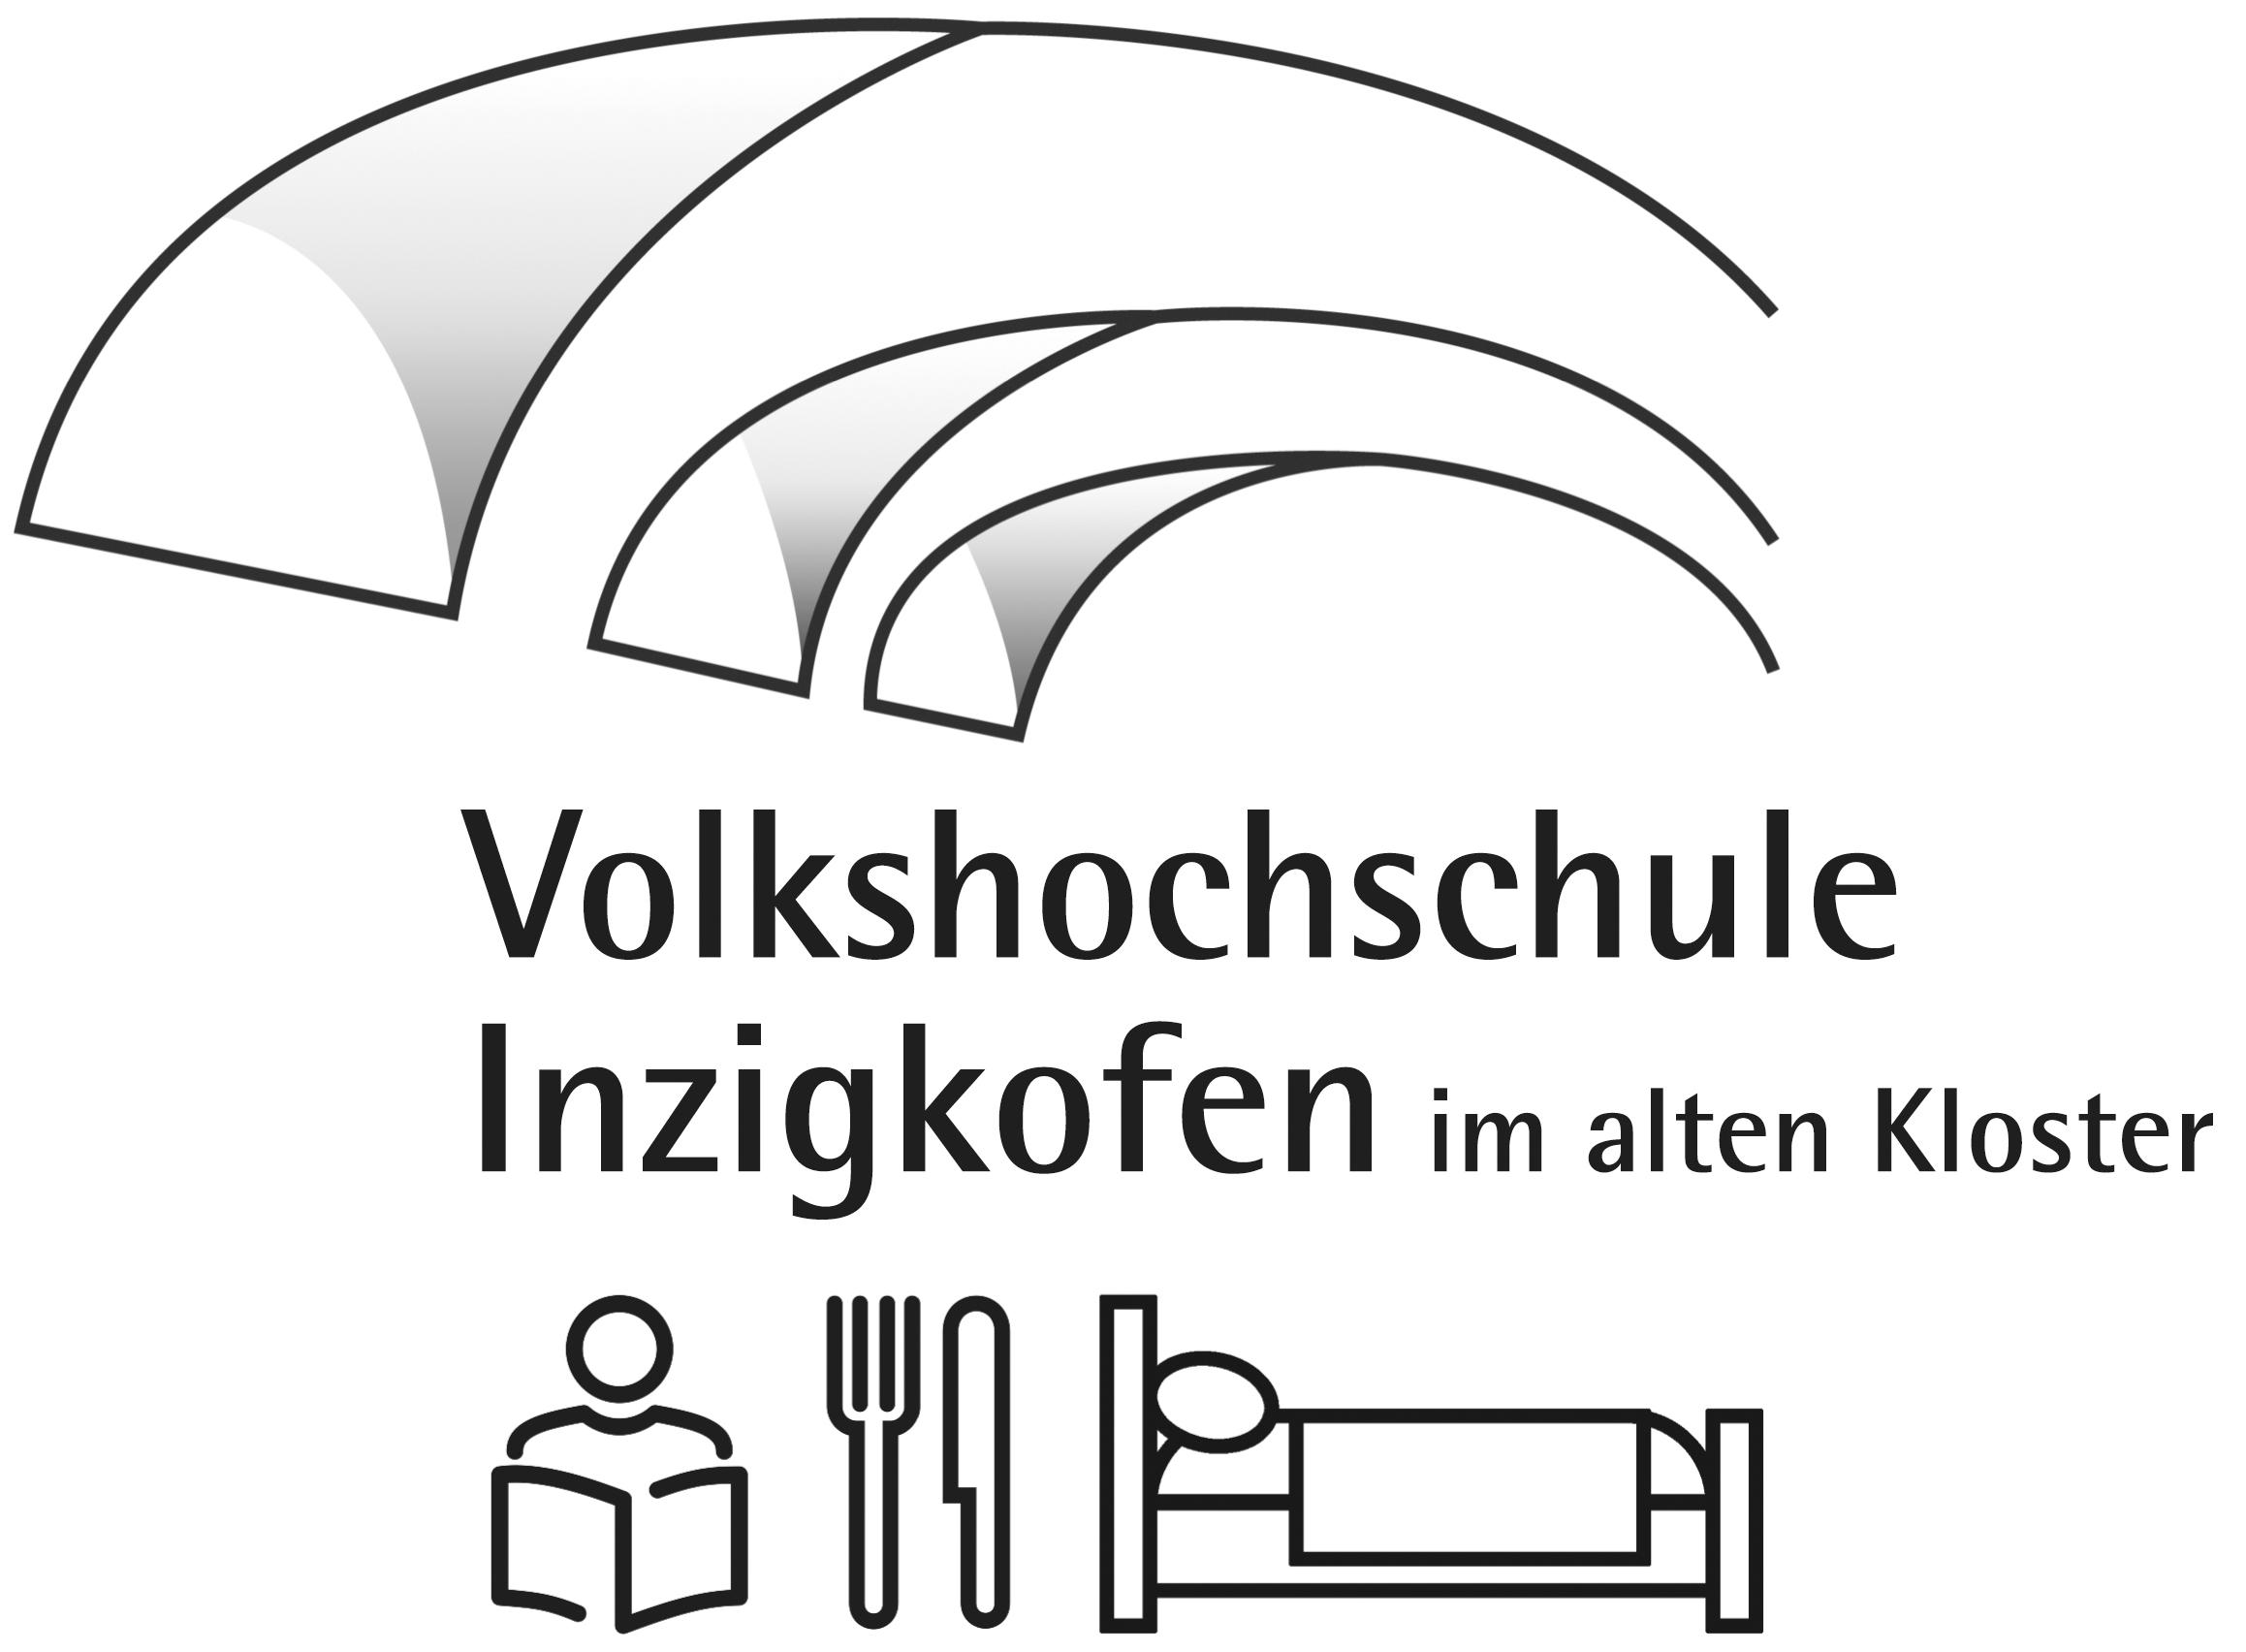 Volkshochschule Inzigkofen im alten Kloster